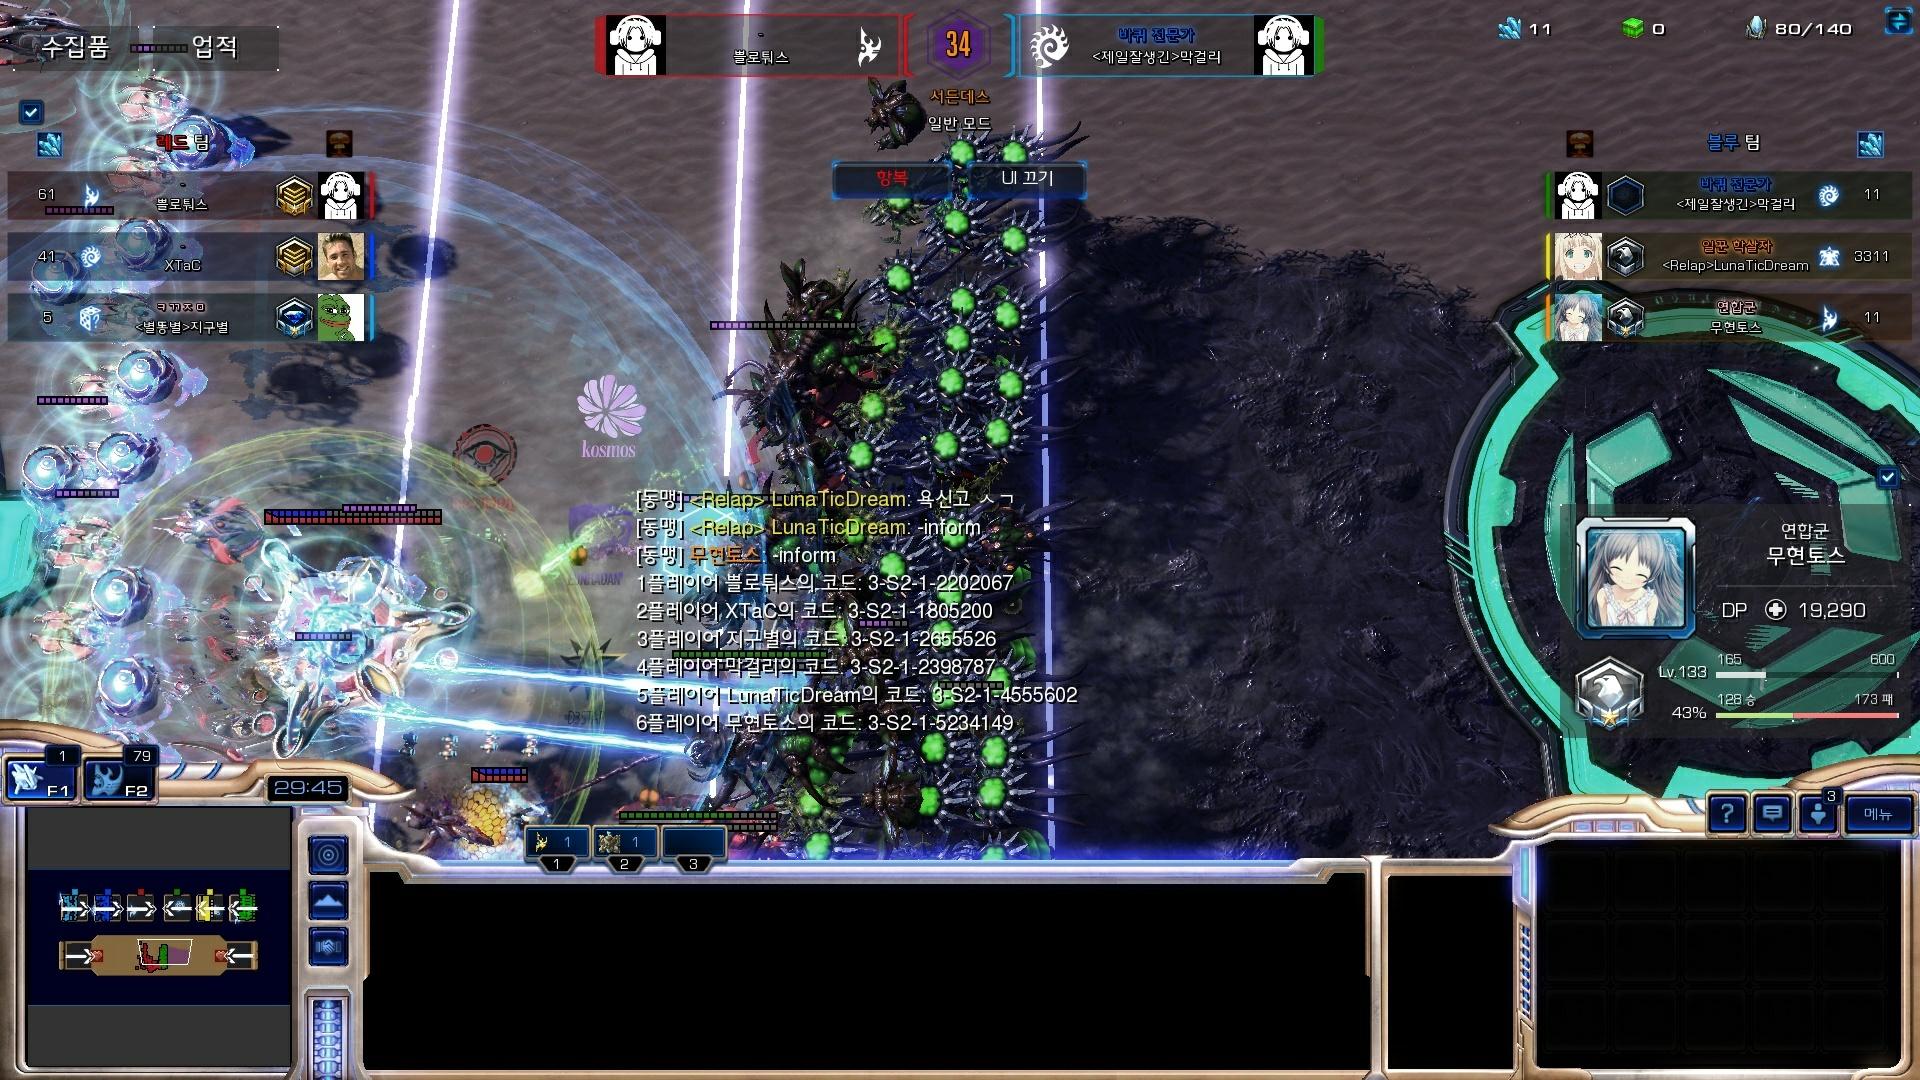 Screenshot2021-04-19 23_33_20.jpg